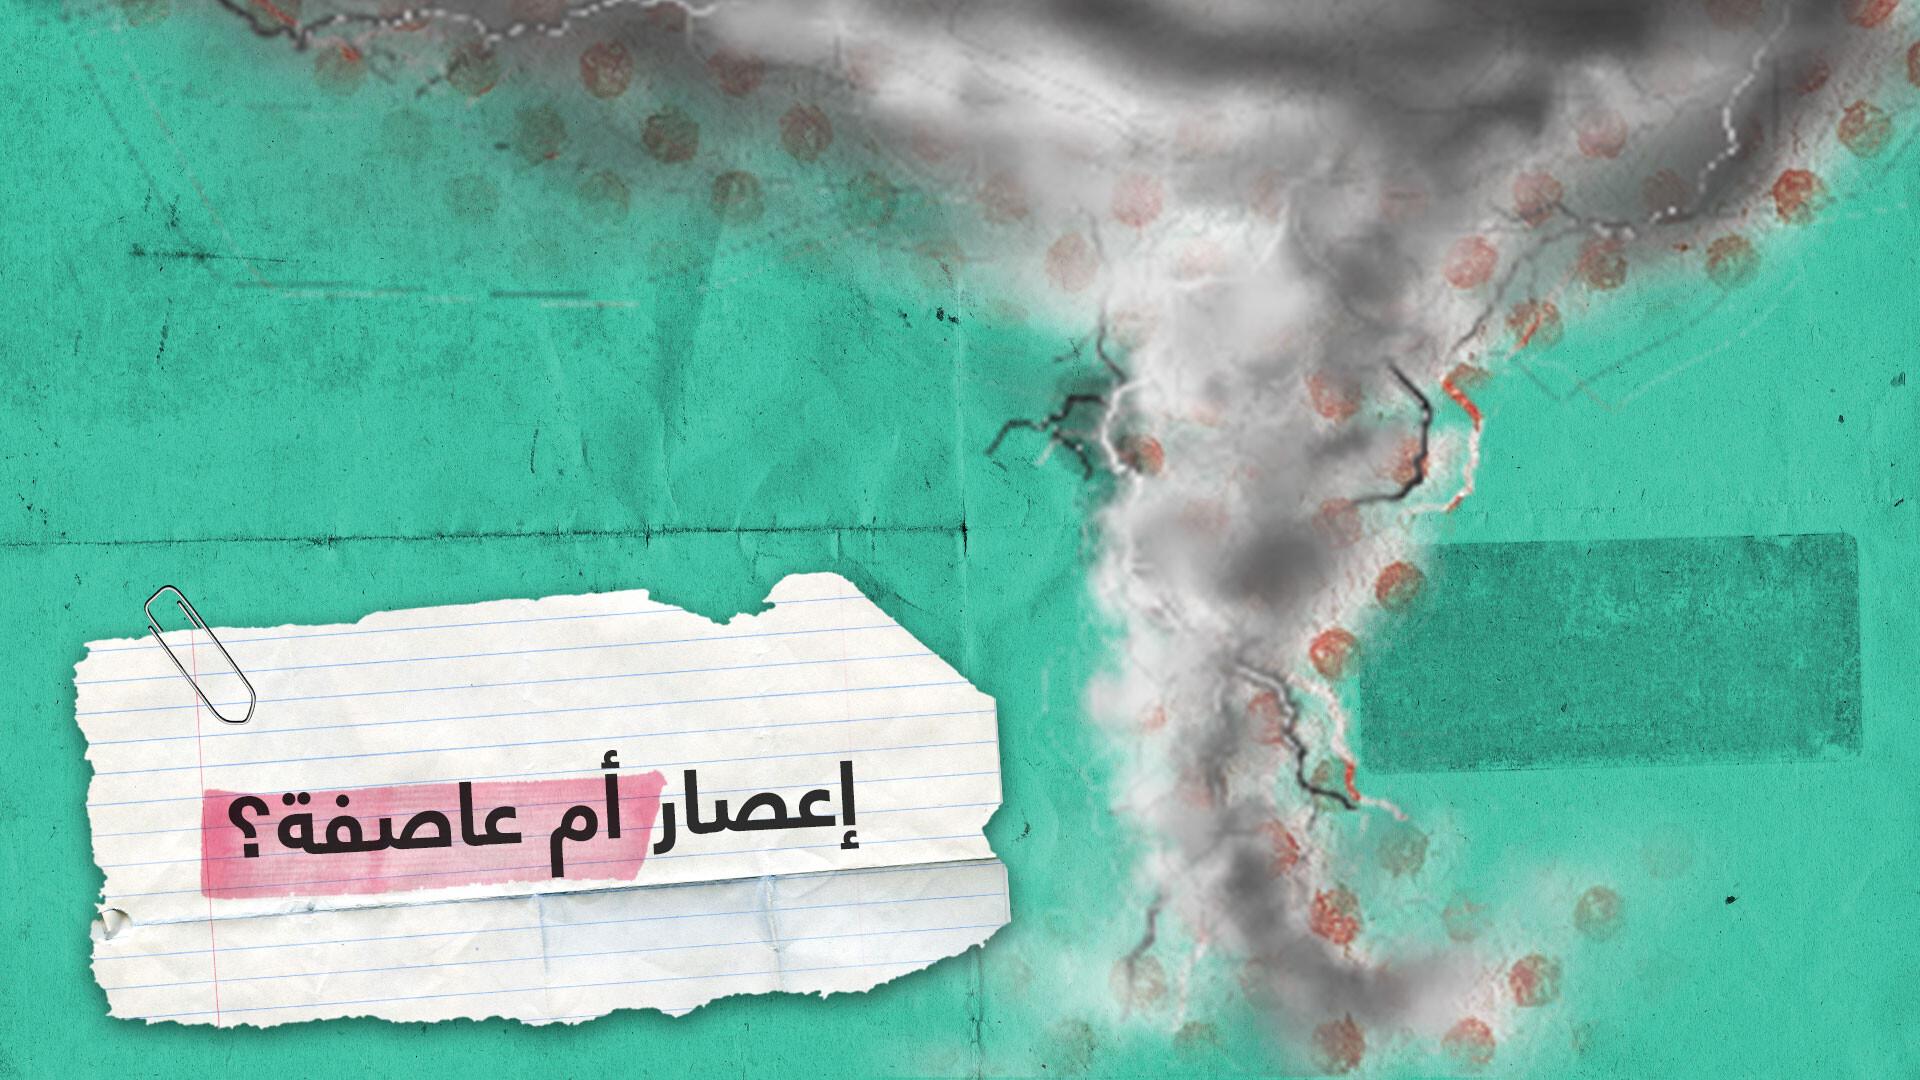 هل ما حدث في مصر والأردن وإسرائيل هو إعصار؟ ناسا تدخل على الخط